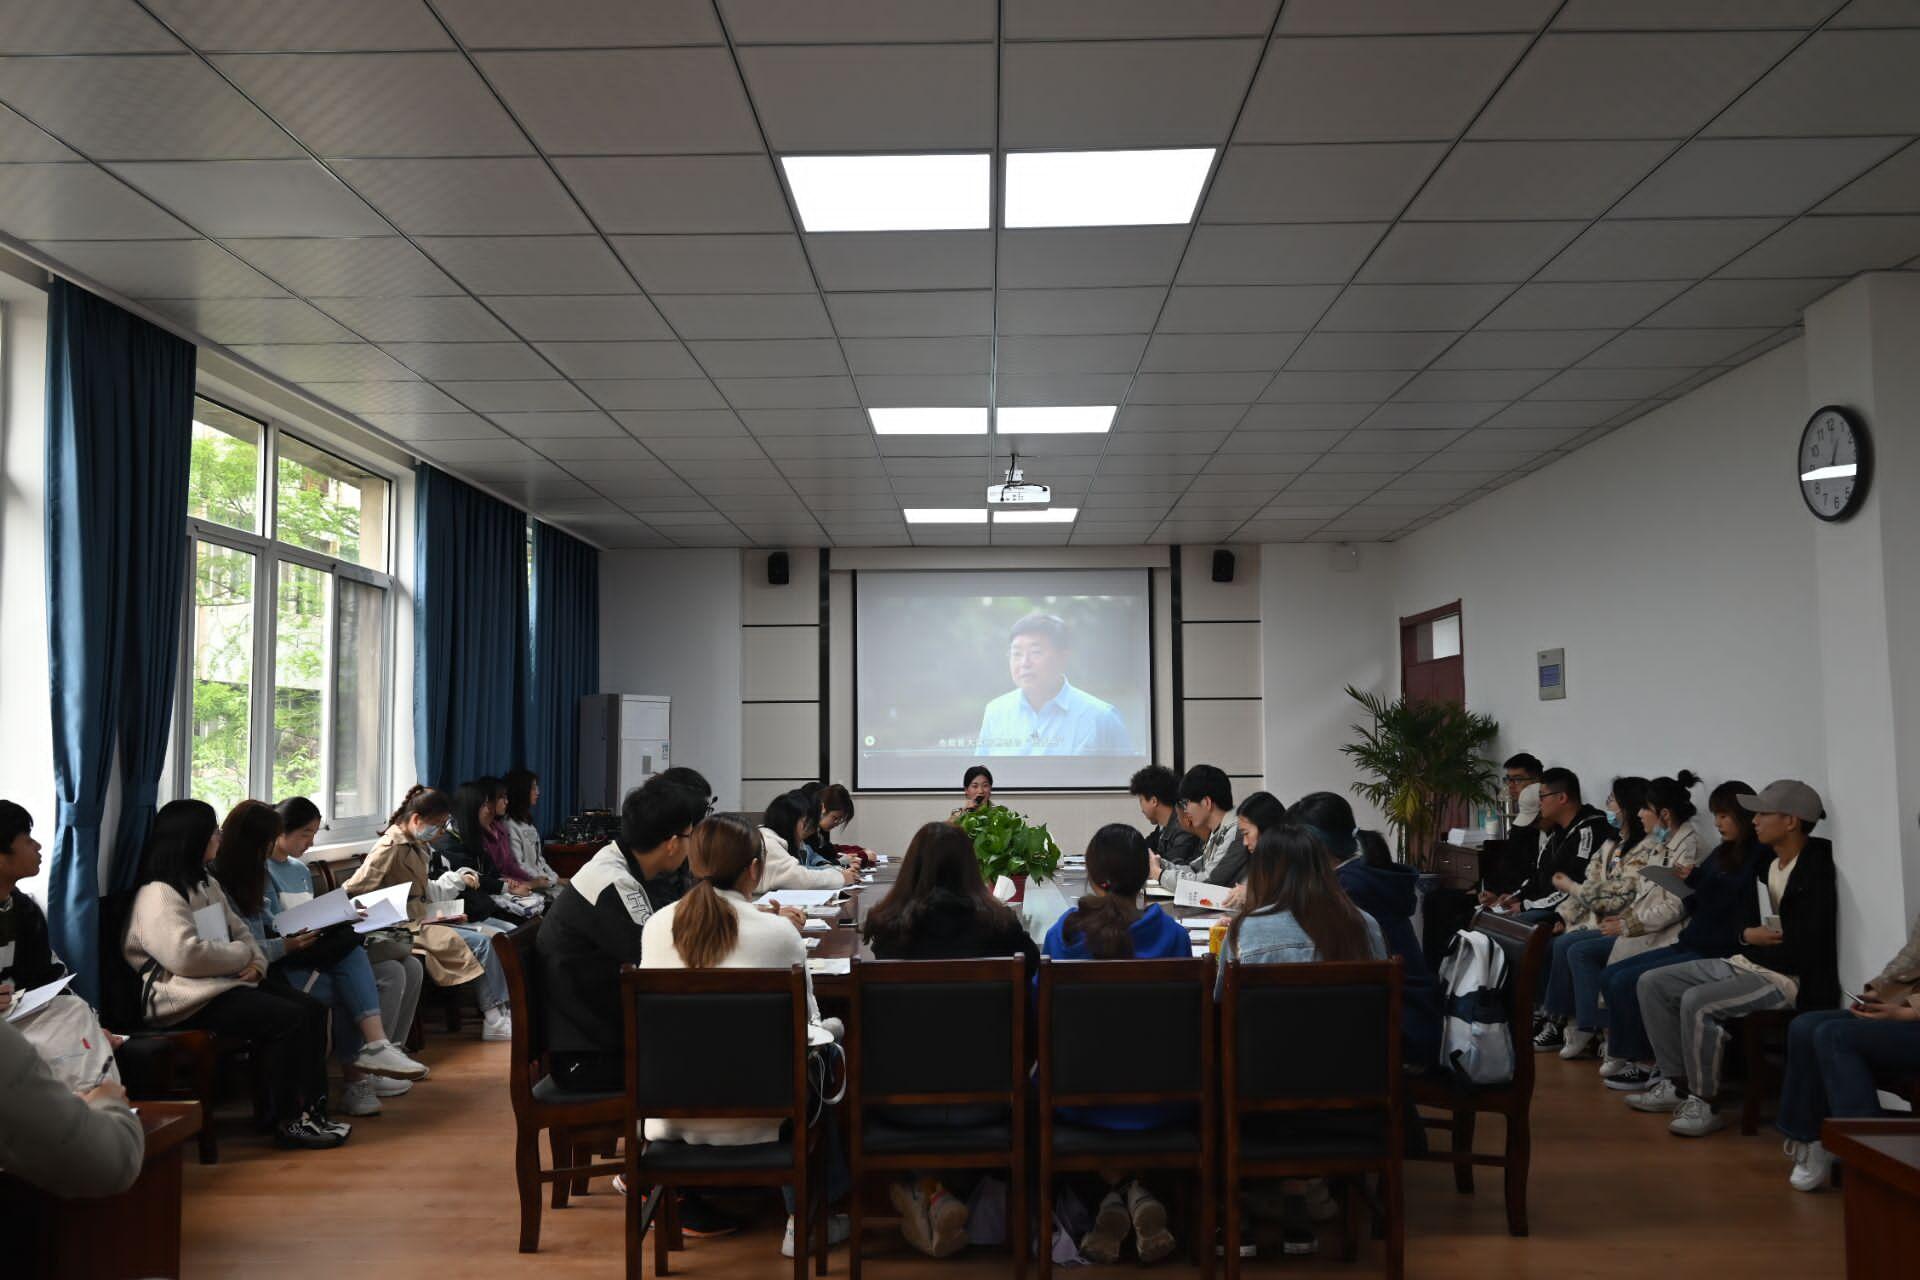 安徽工程大学化环学院团委召开第一次团支书工作例会